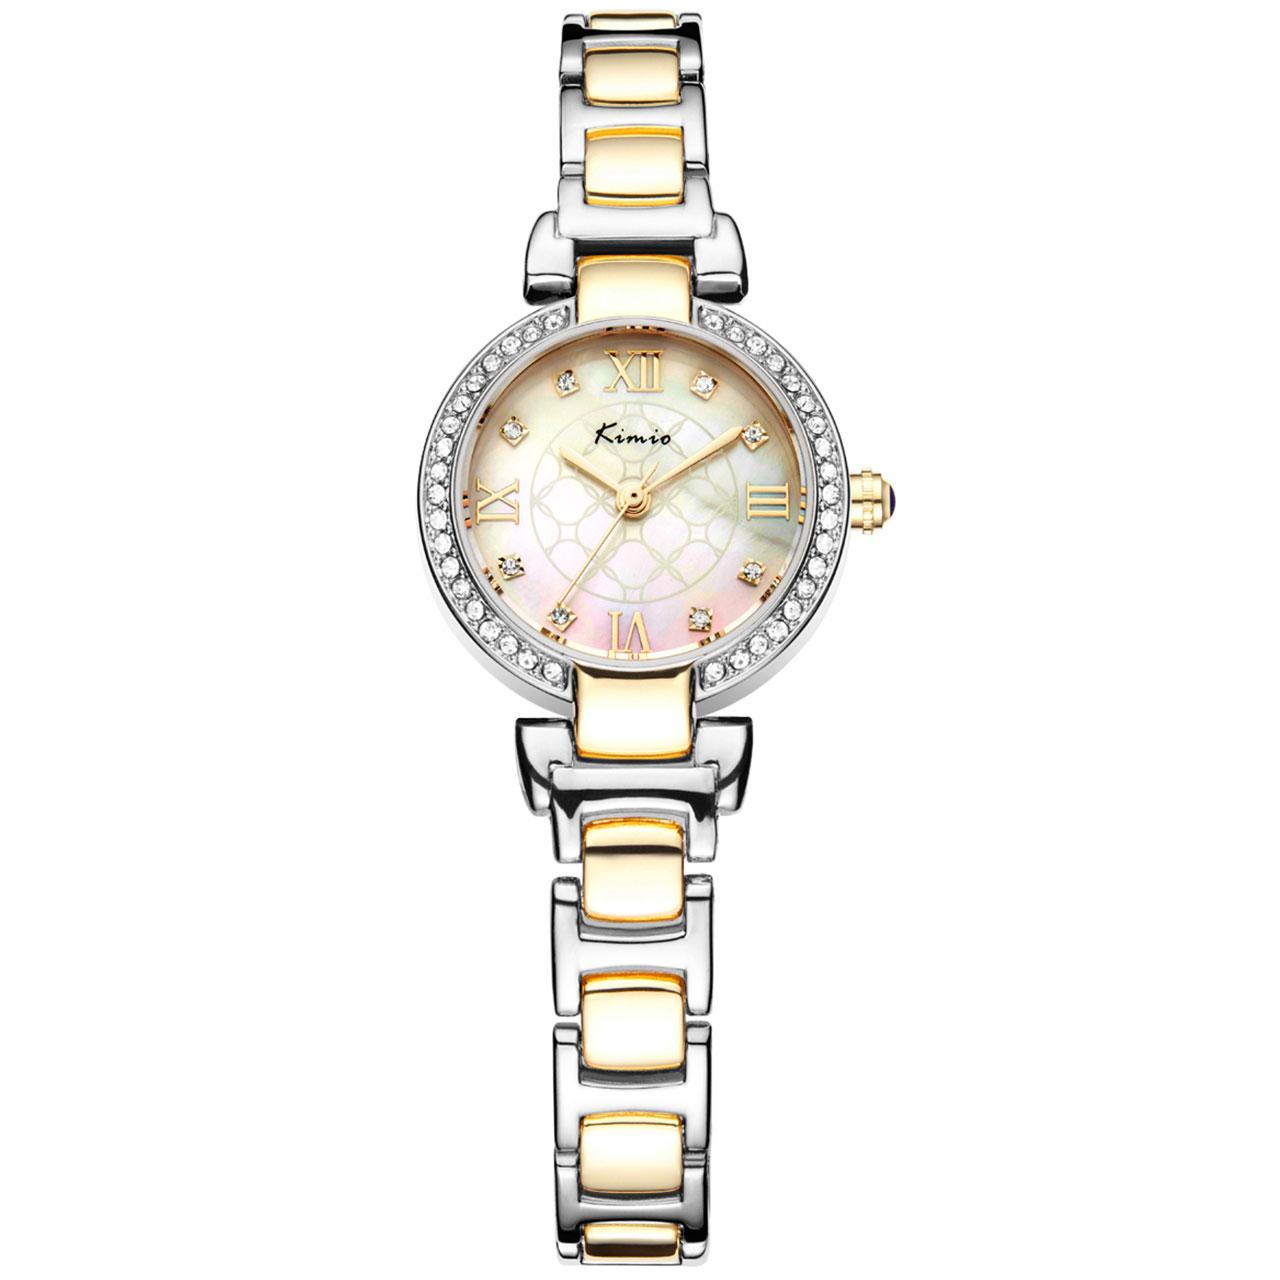 ساعت مچی عقربه ای زنانه کیمیو مدل KW6113S-SG01 17